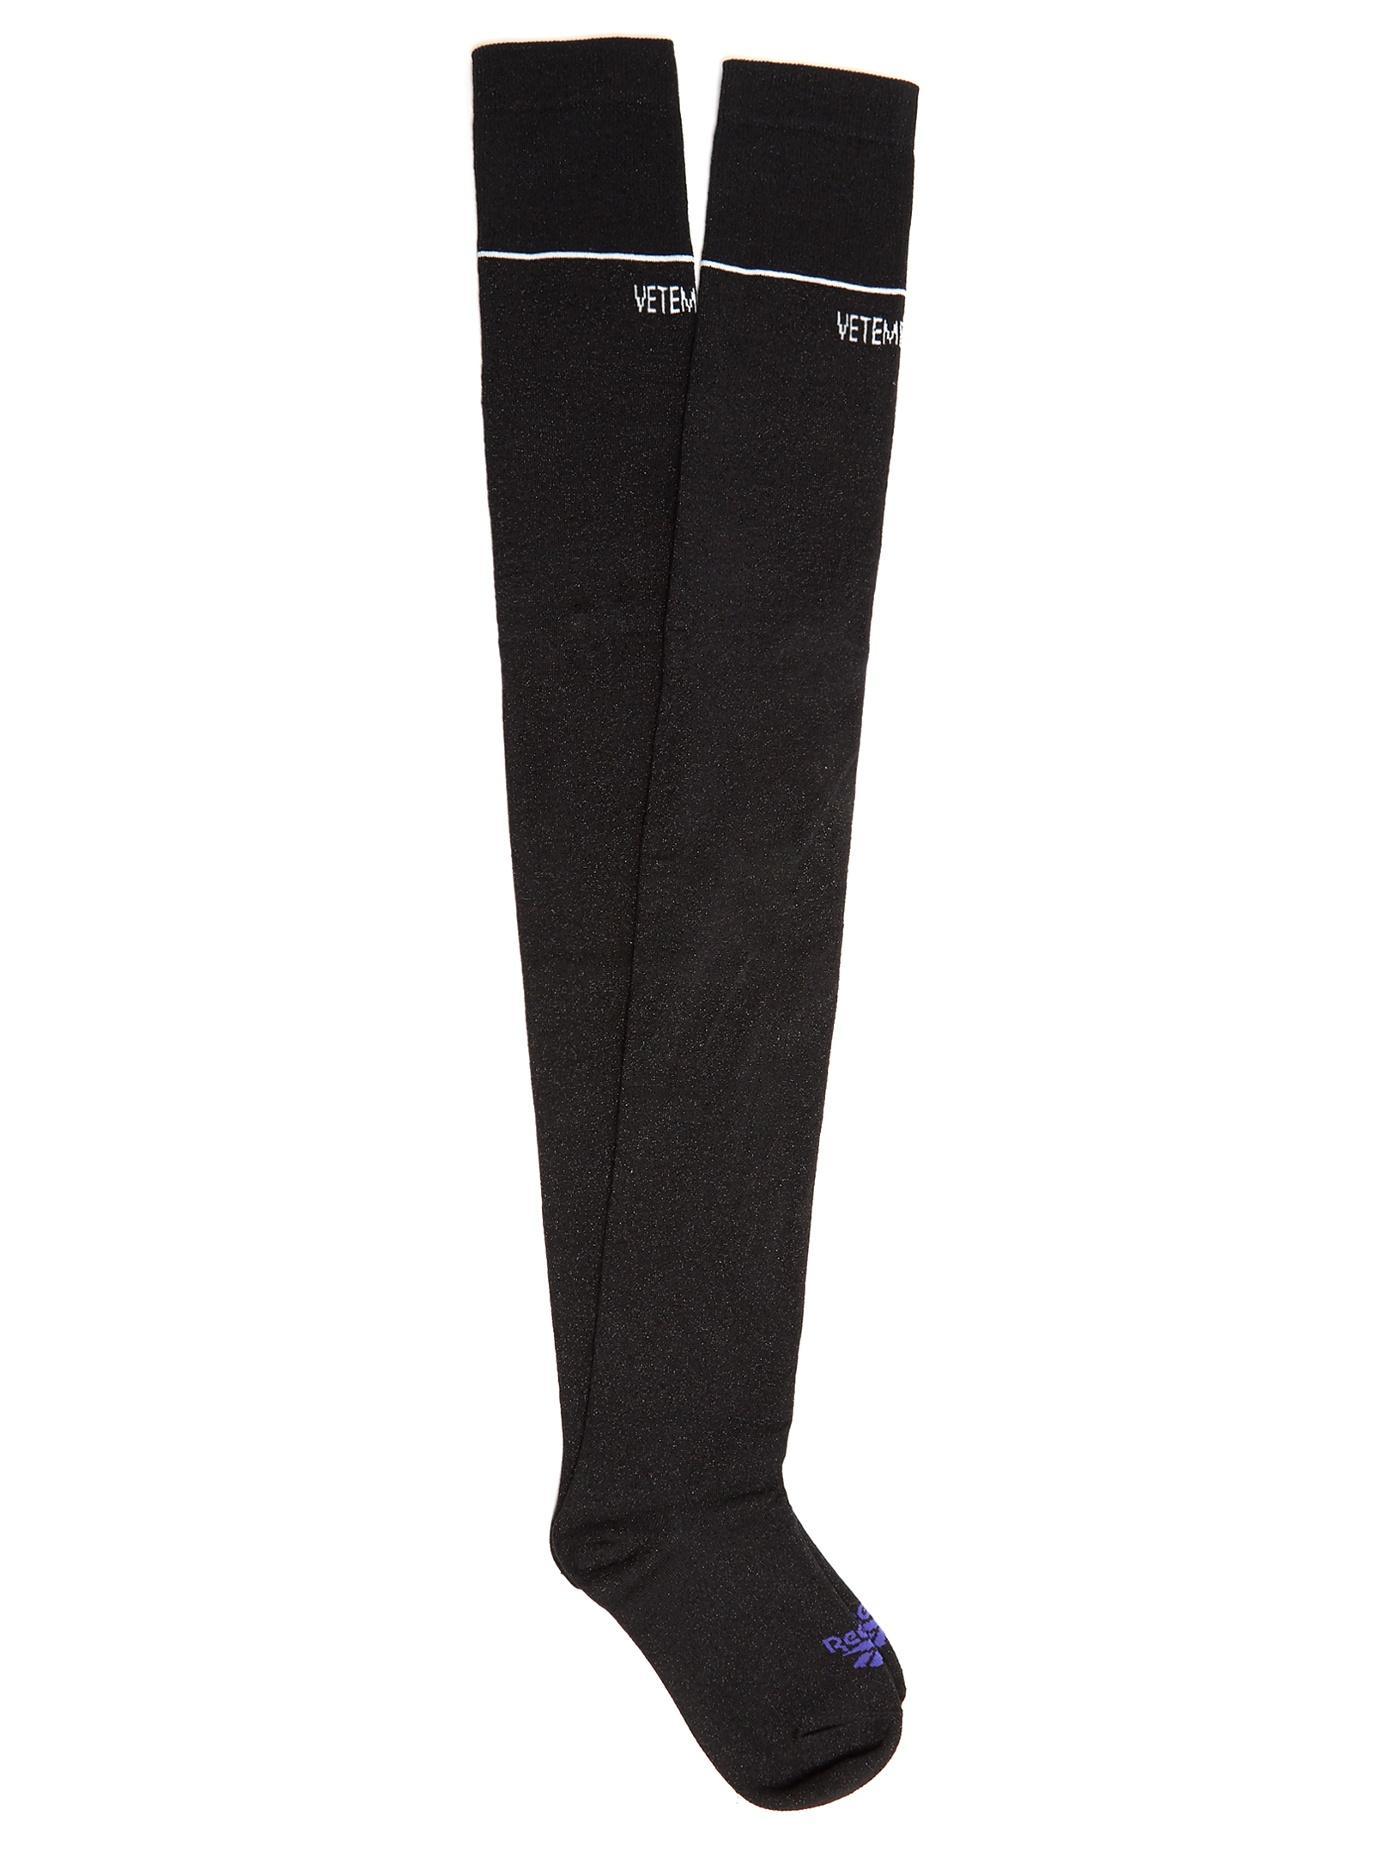 00e4c1de9b1 Vetements Intarsia-Knit Knee-High Socks In Black